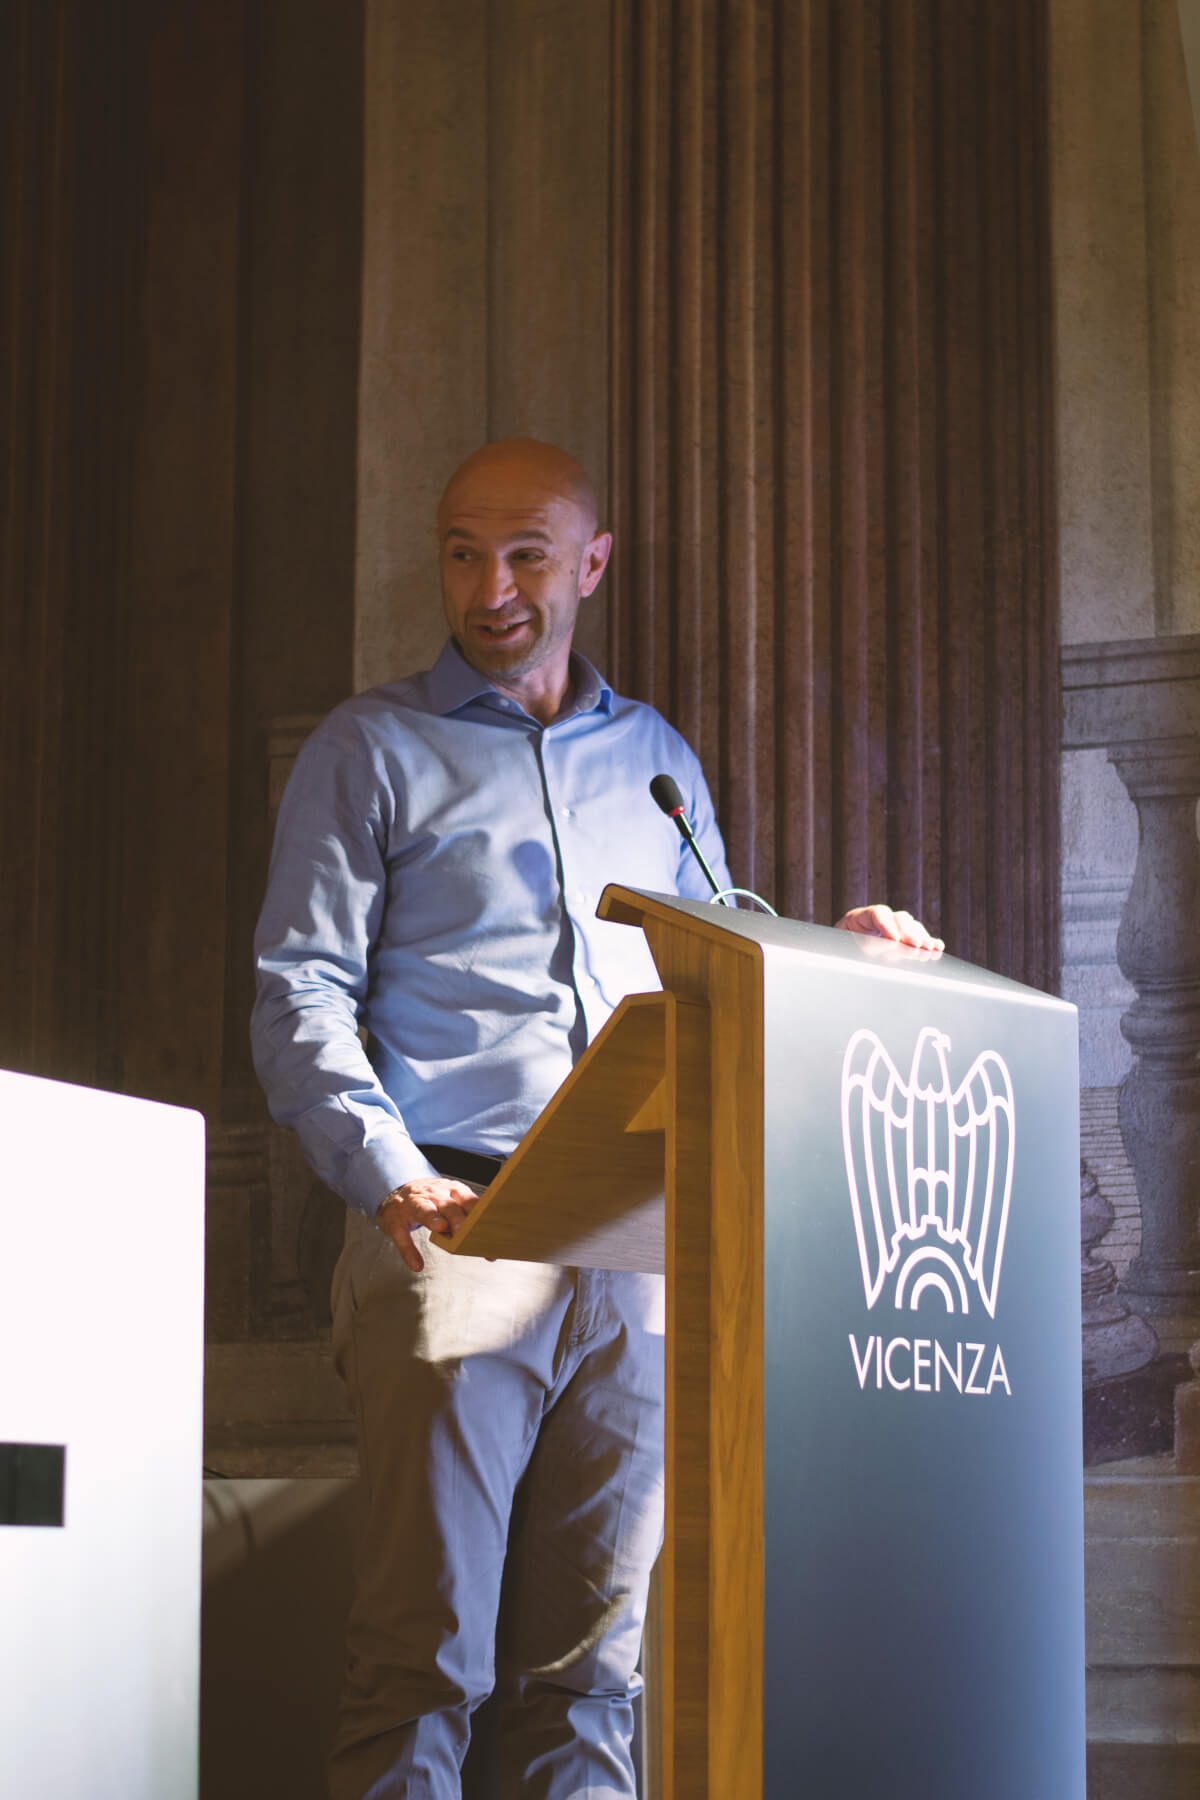 Dott. Oscar Miotti, vicepresidente dell'Ordine Veneto degli Psicologi